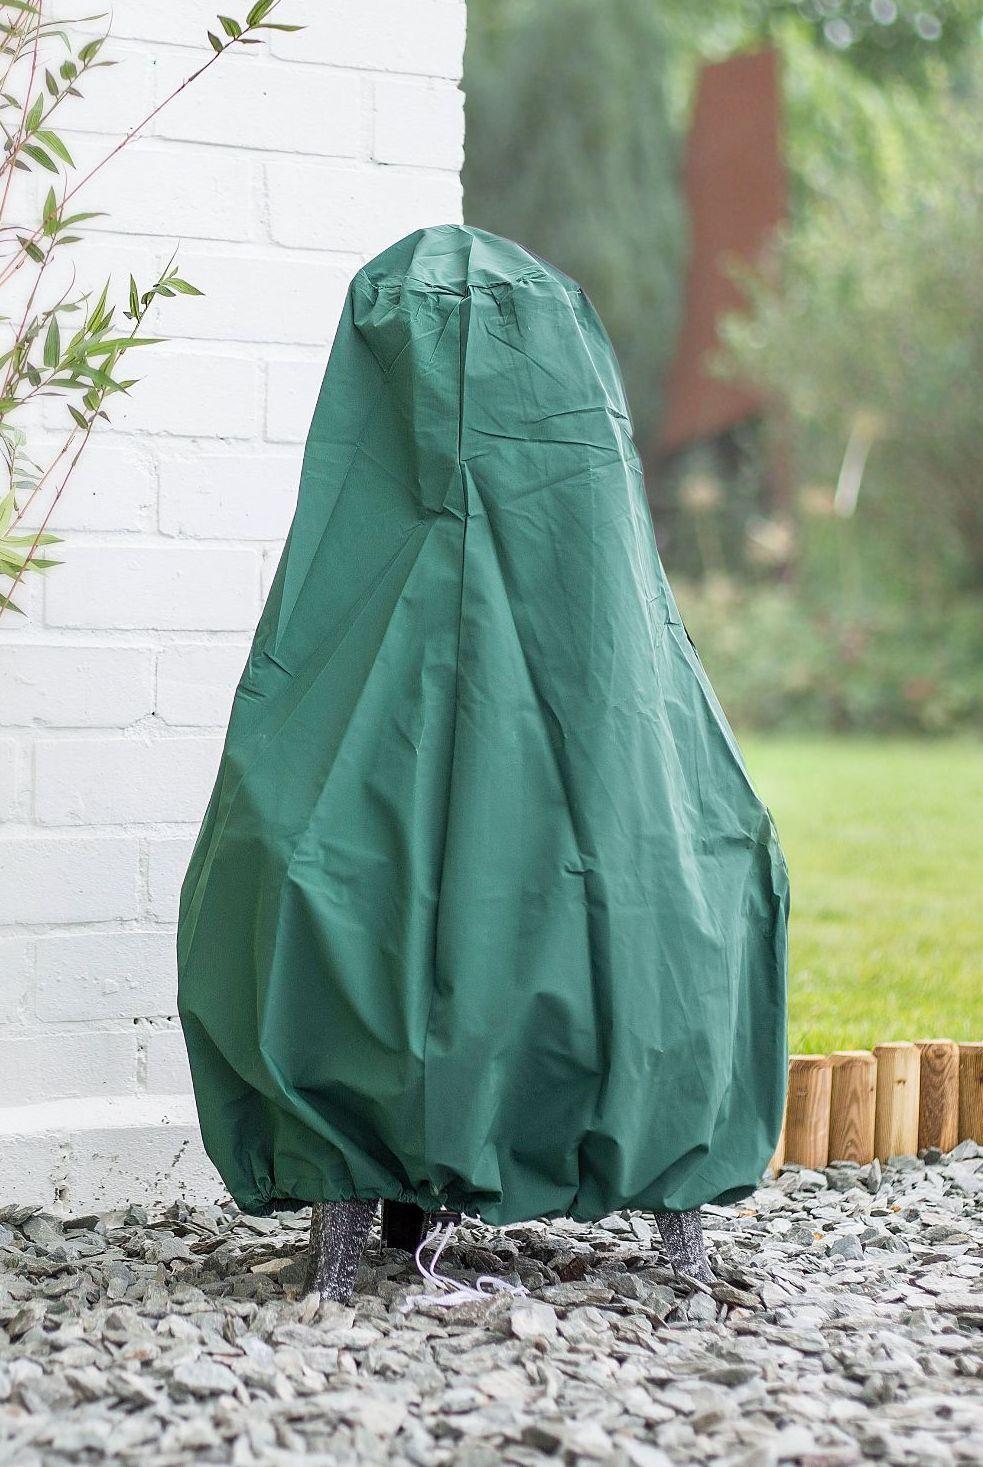 La Hacienda Medium Chimenea Protective Waterproof Cover